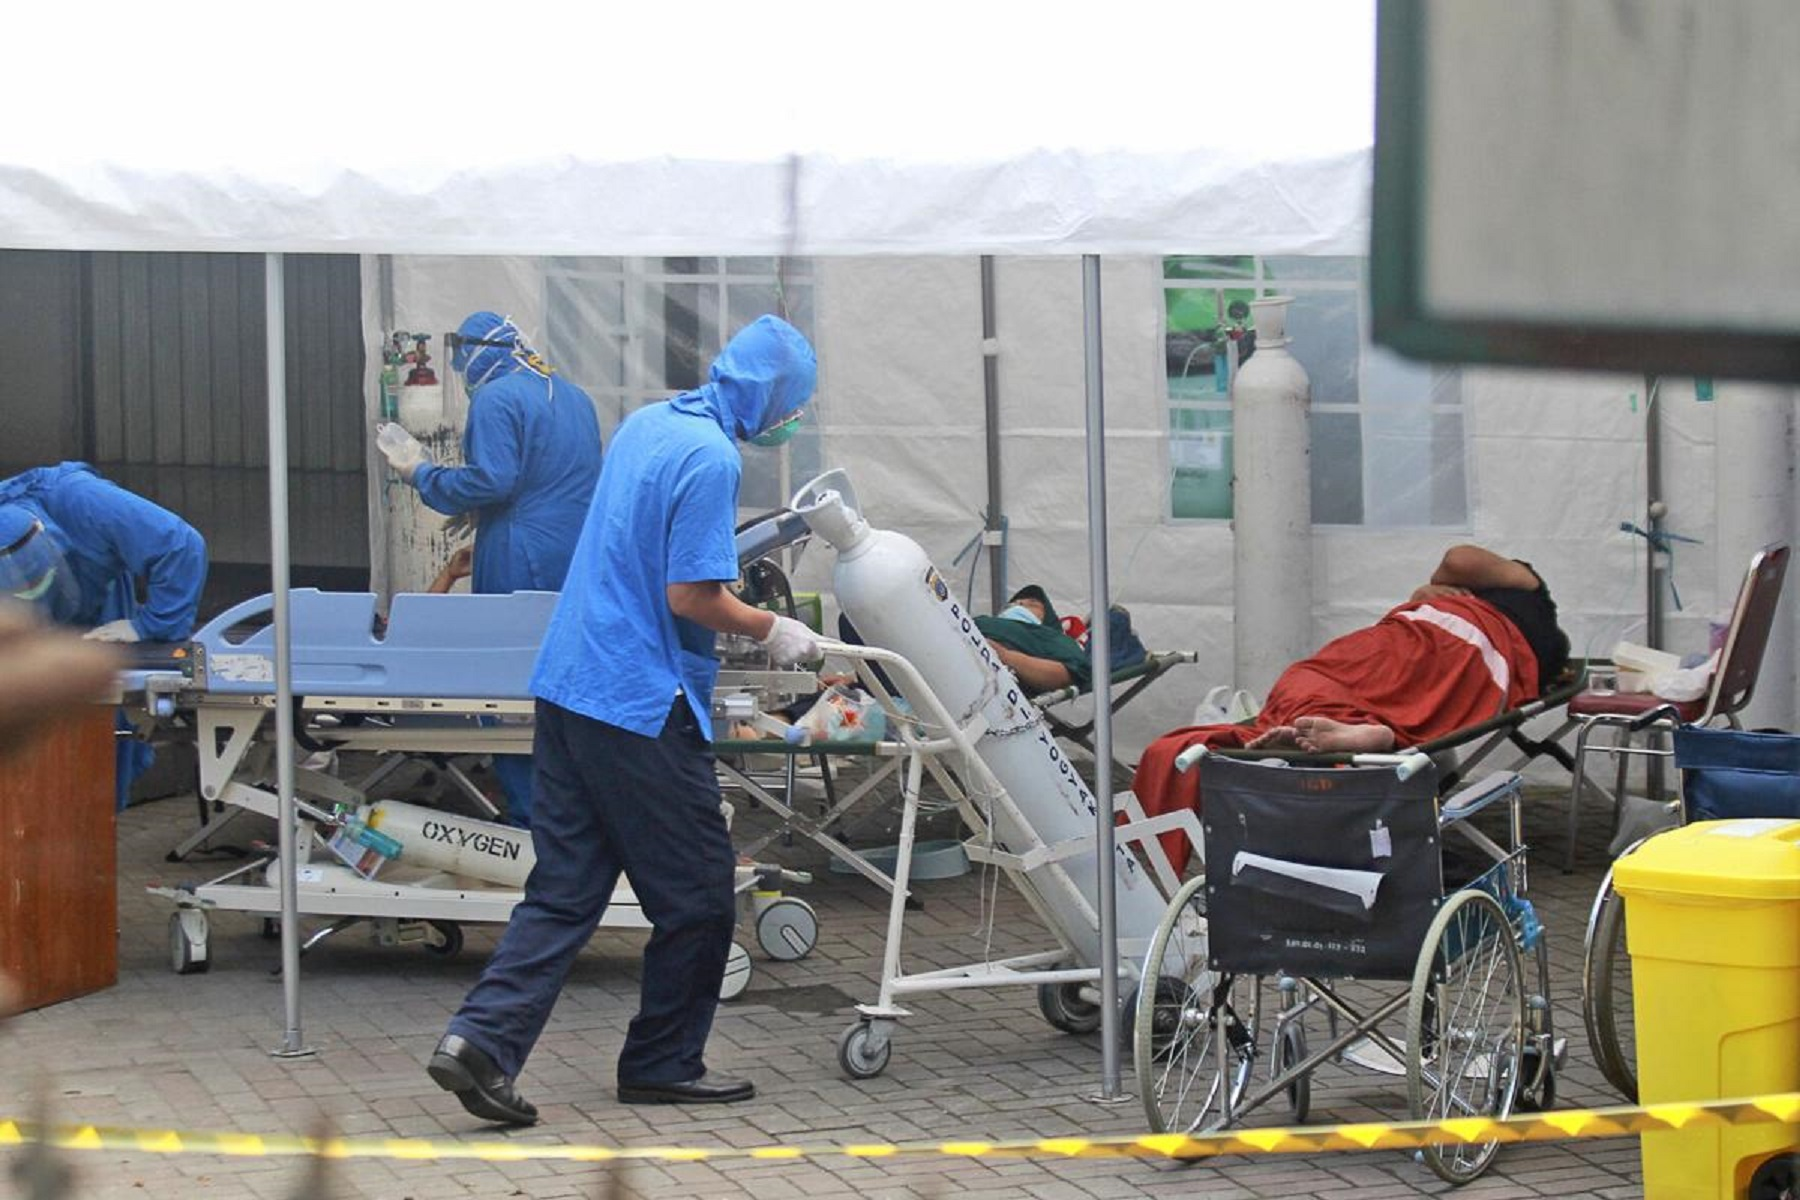 Νοσοκομείο Μιζούρι: Αντιμετωπίζει έλλειψη αναπνευστήρων εν μέσω της αύξησης των νοσηλειών COVID-19